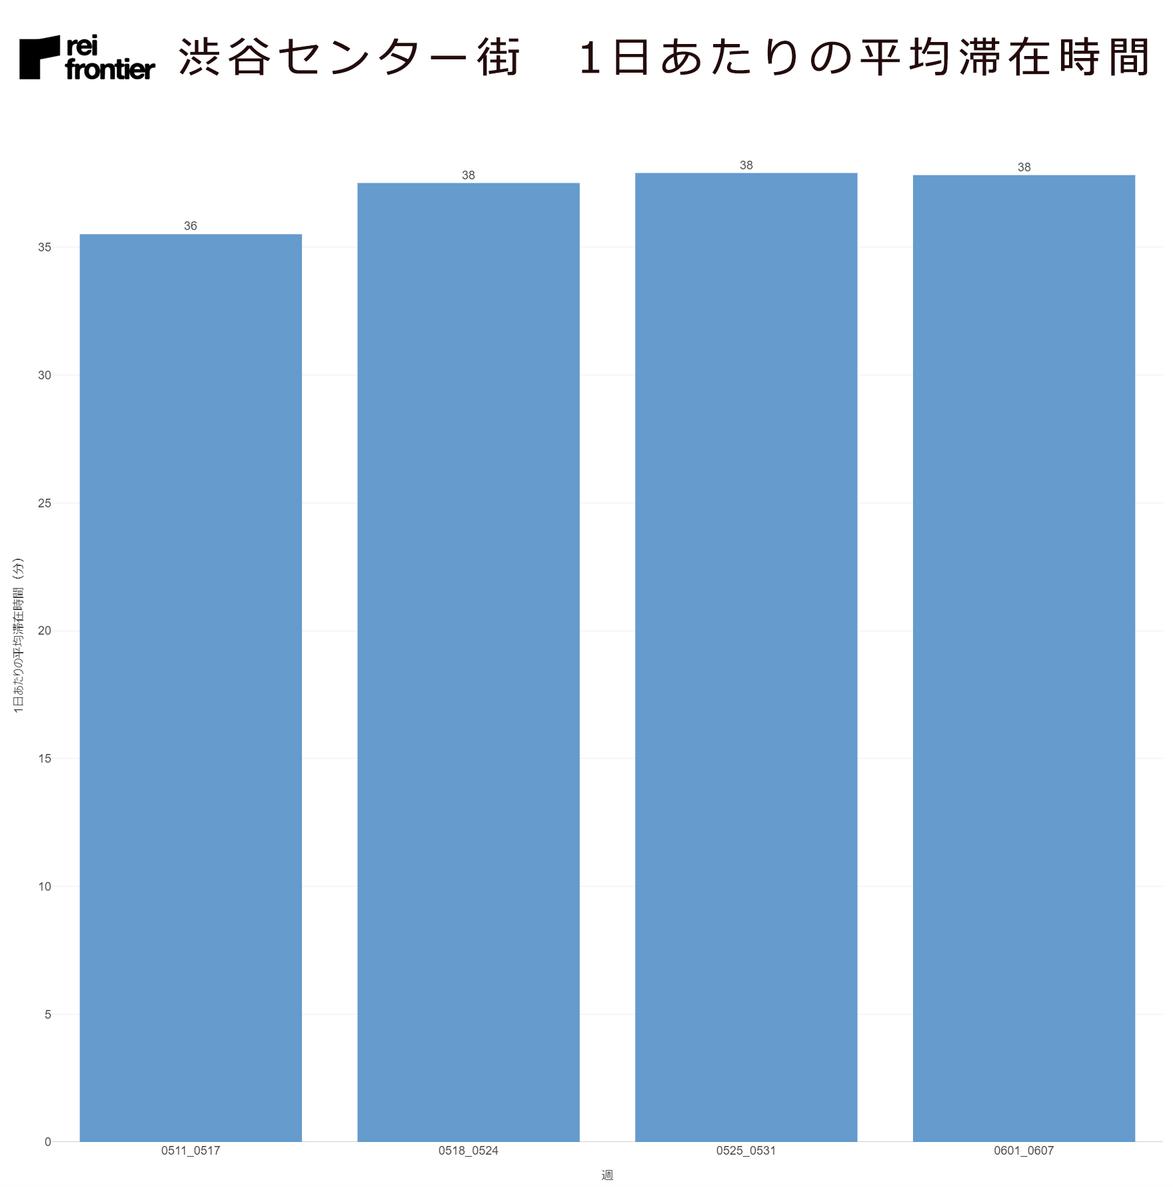 渋谷センター街の1日あたりの平均滞在時間